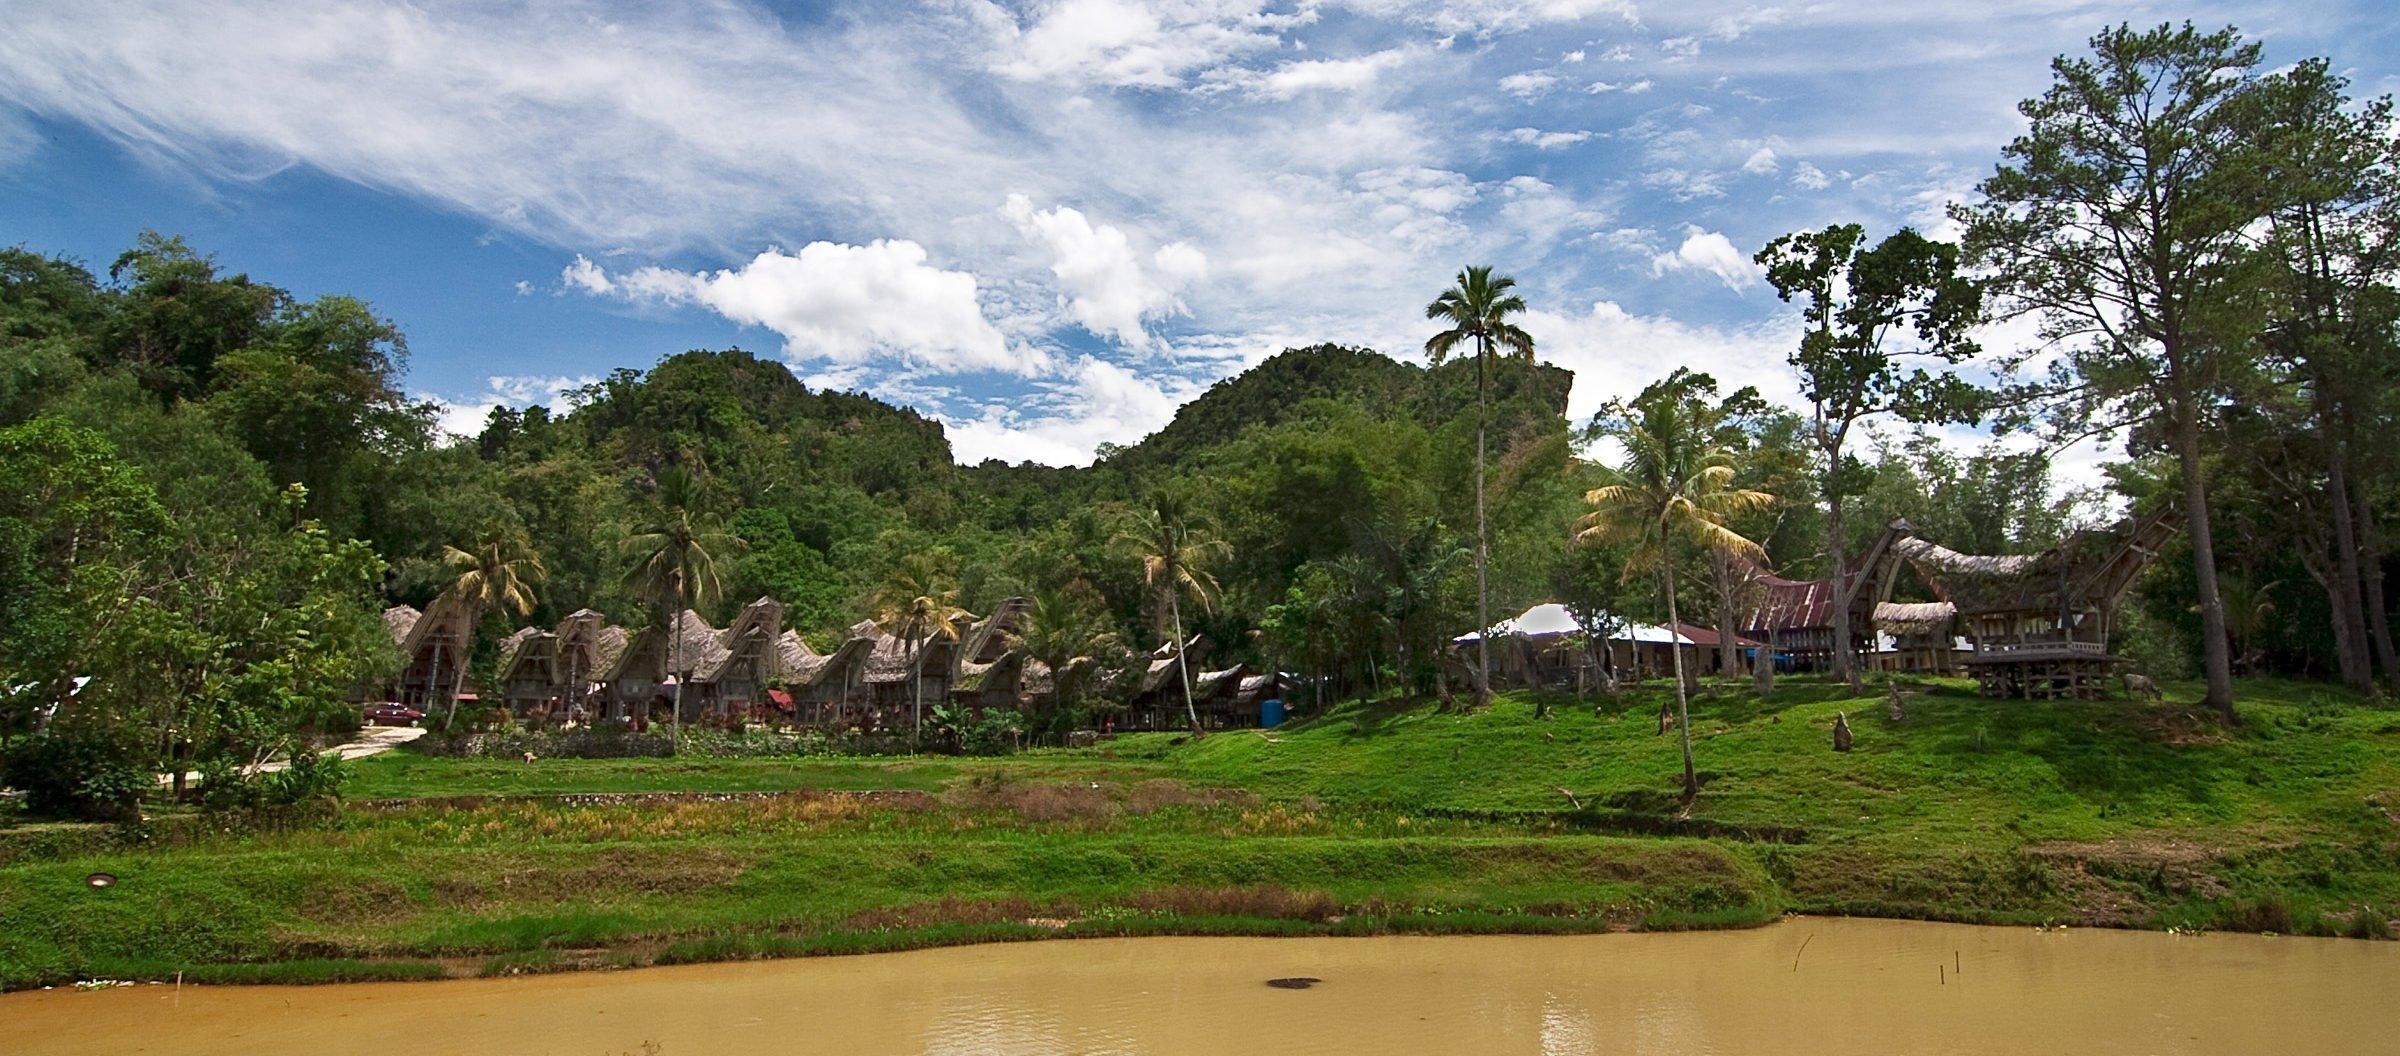 Toraja Village with Tongkonan